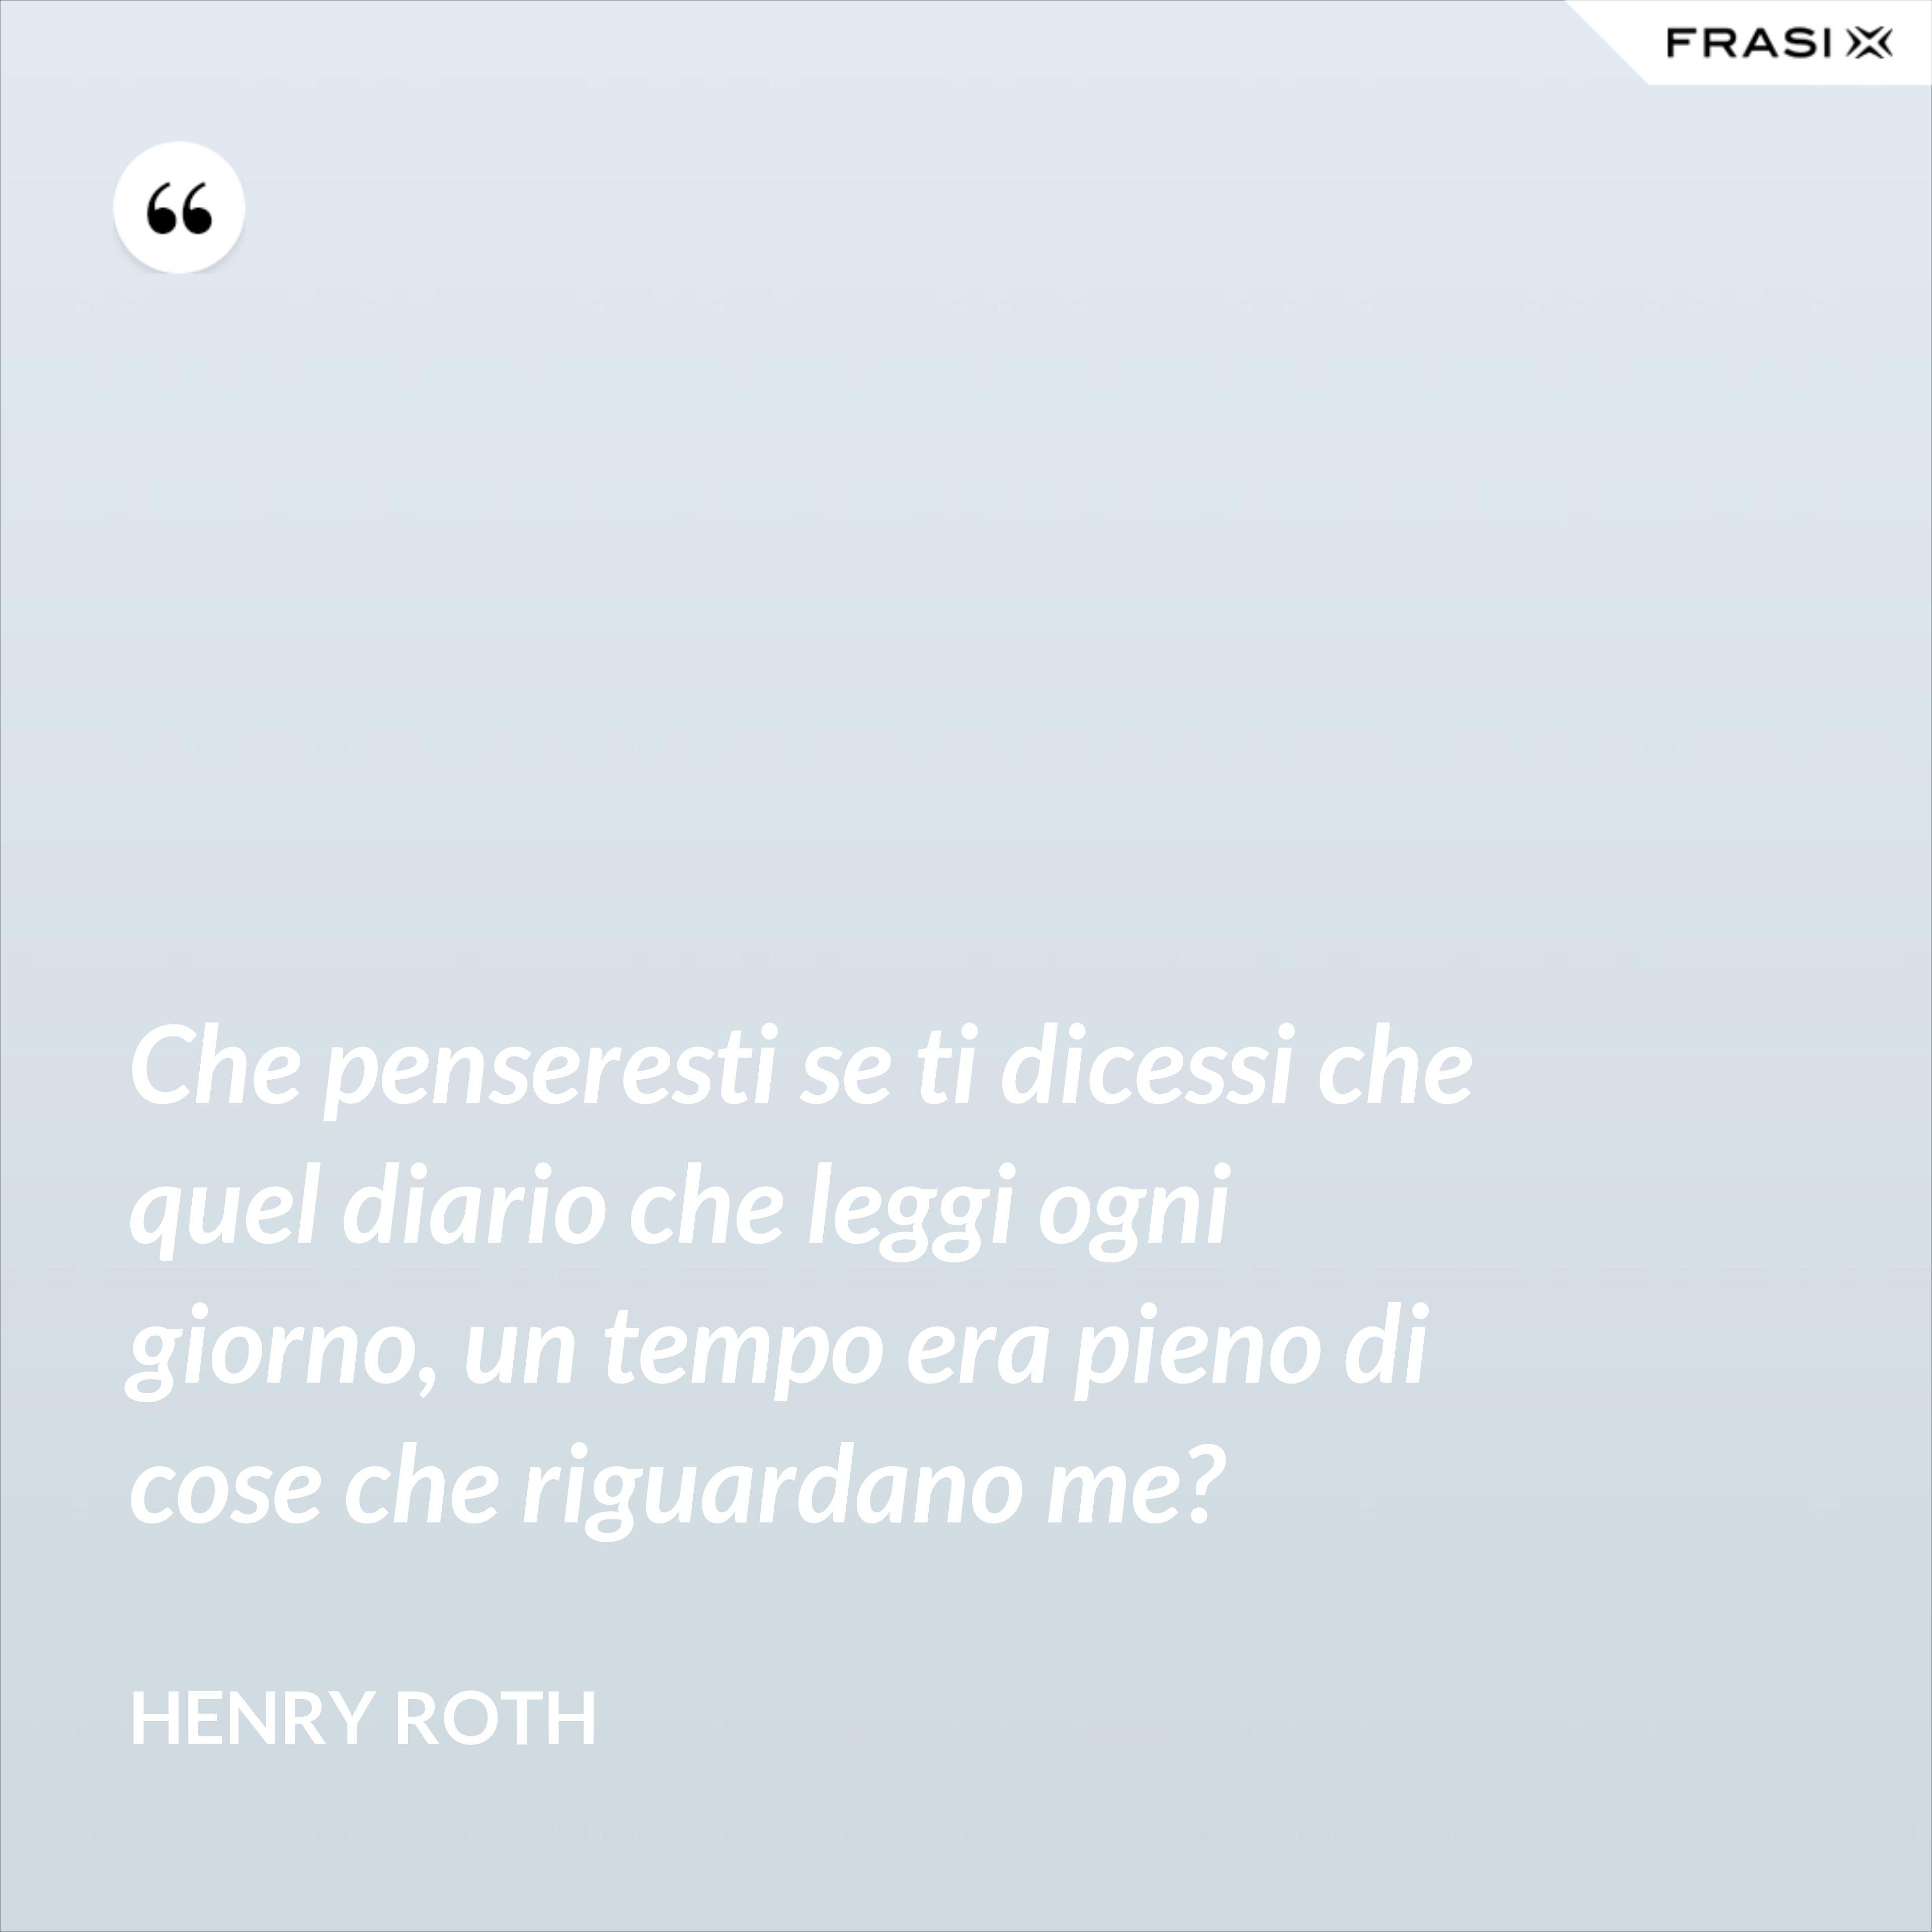 Che penseresti se ti dicessi che quel diario che leggi ogni giorno, un tempo era pieno di cose che riguardano me? - Henry Roth